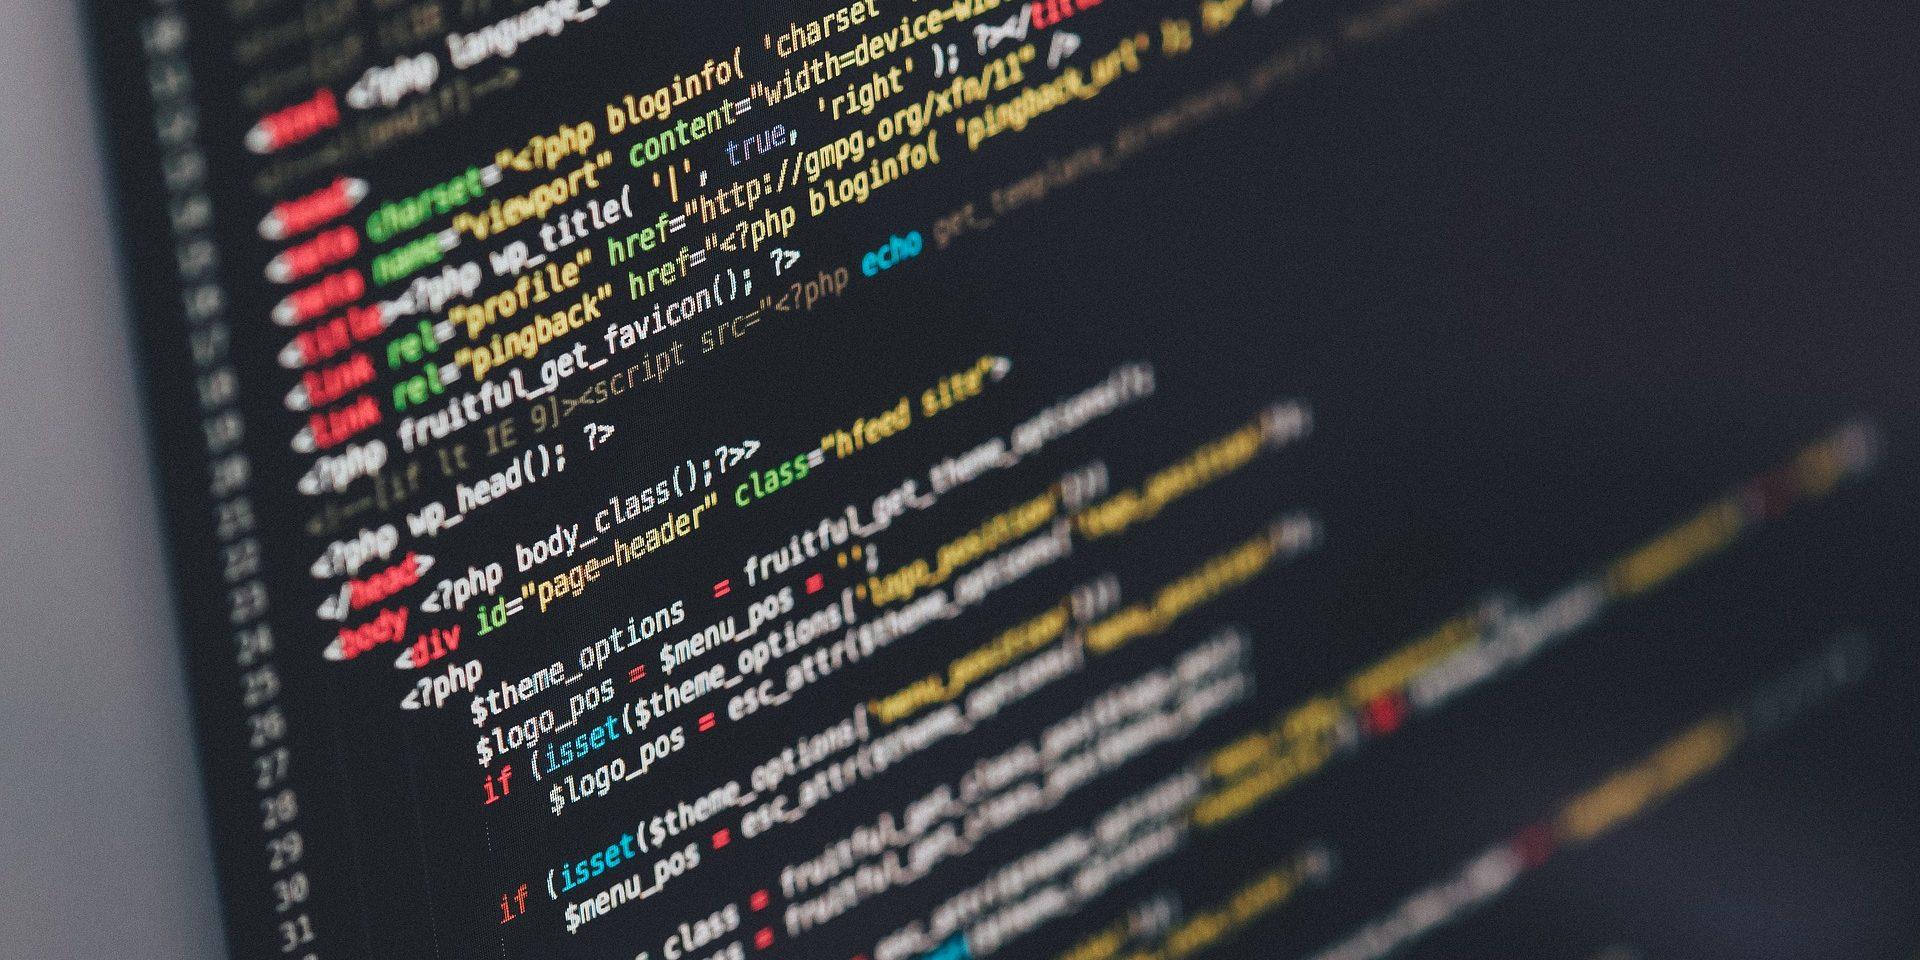 Qiwi разработала платформу для поиска утечек исходных кодов